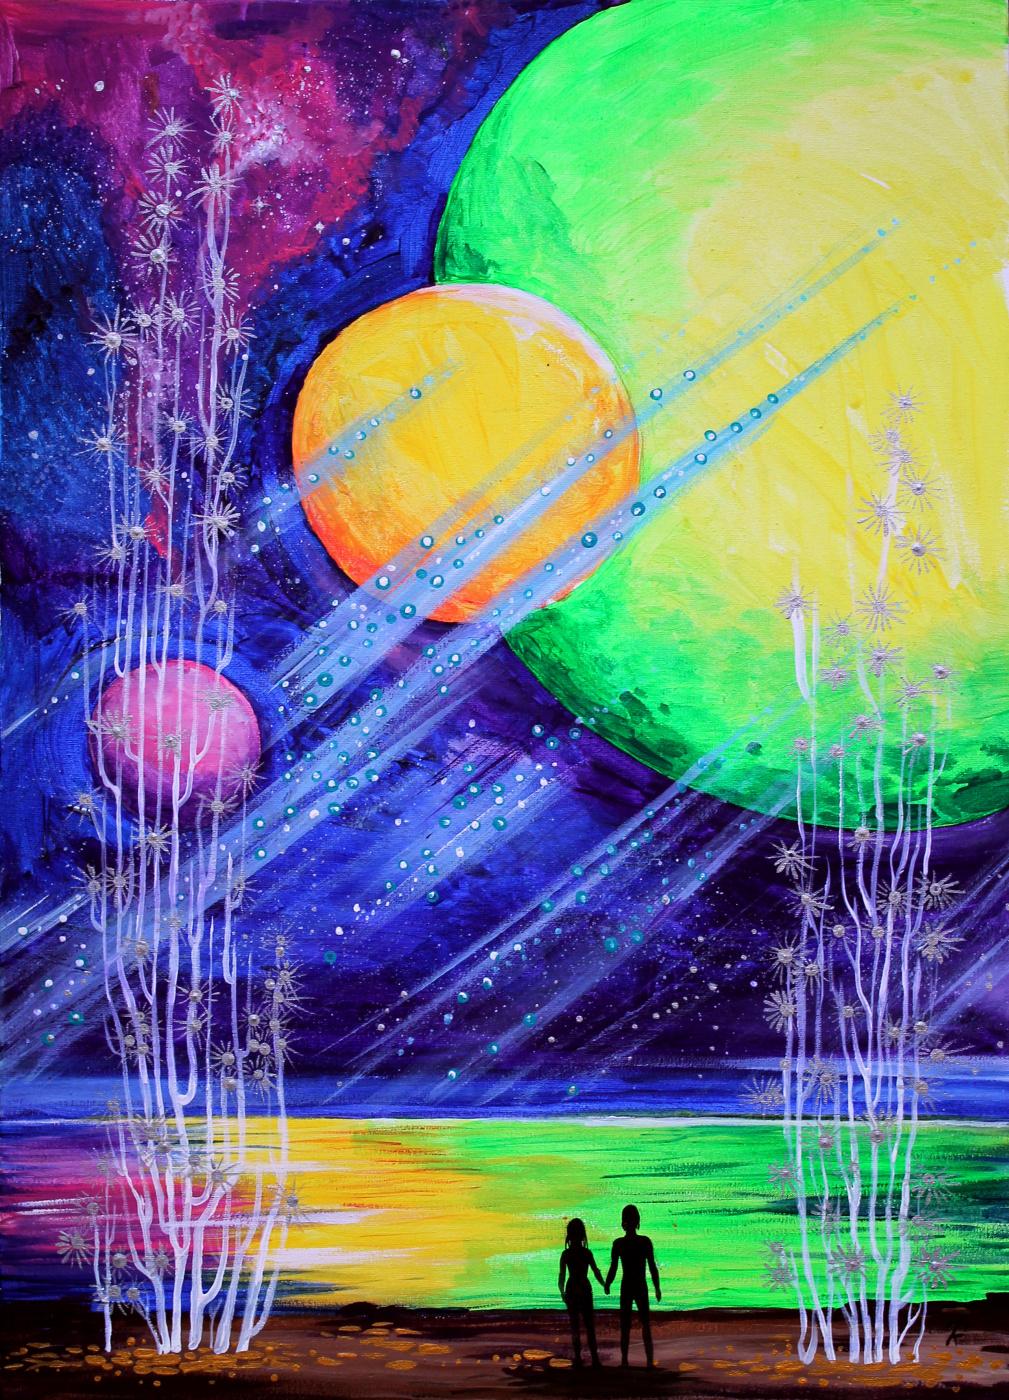 Tatyana Nikolaevna Kryuchkovskaya. Children of the universe